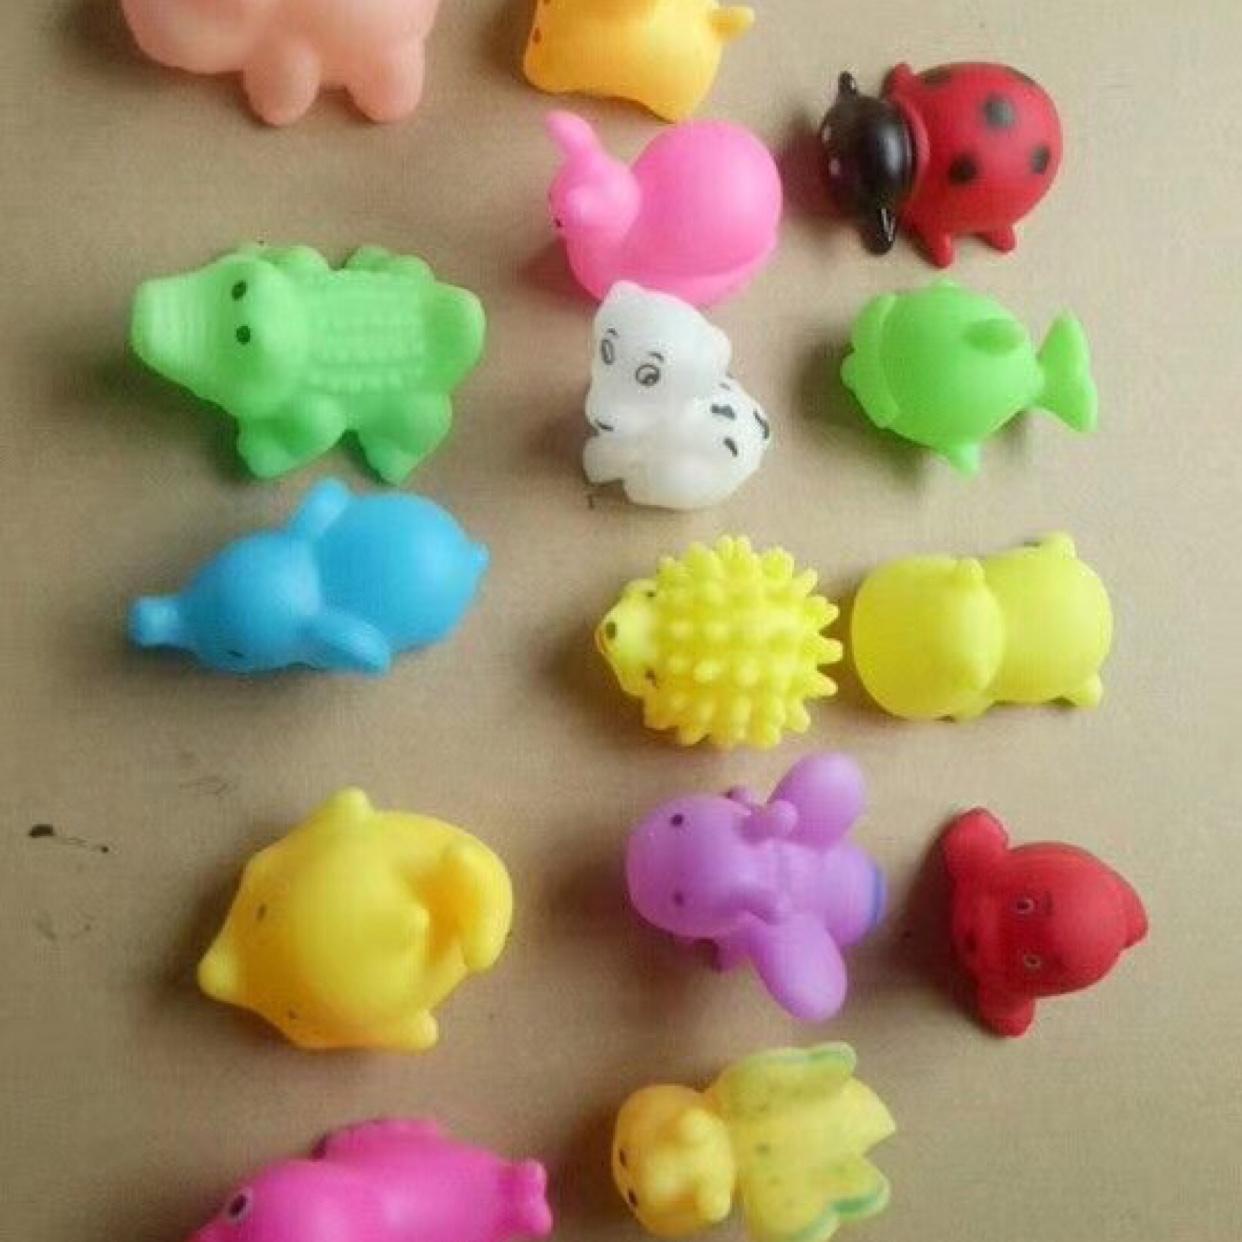 小动物玩具宝宝用品玩具儿童玩具